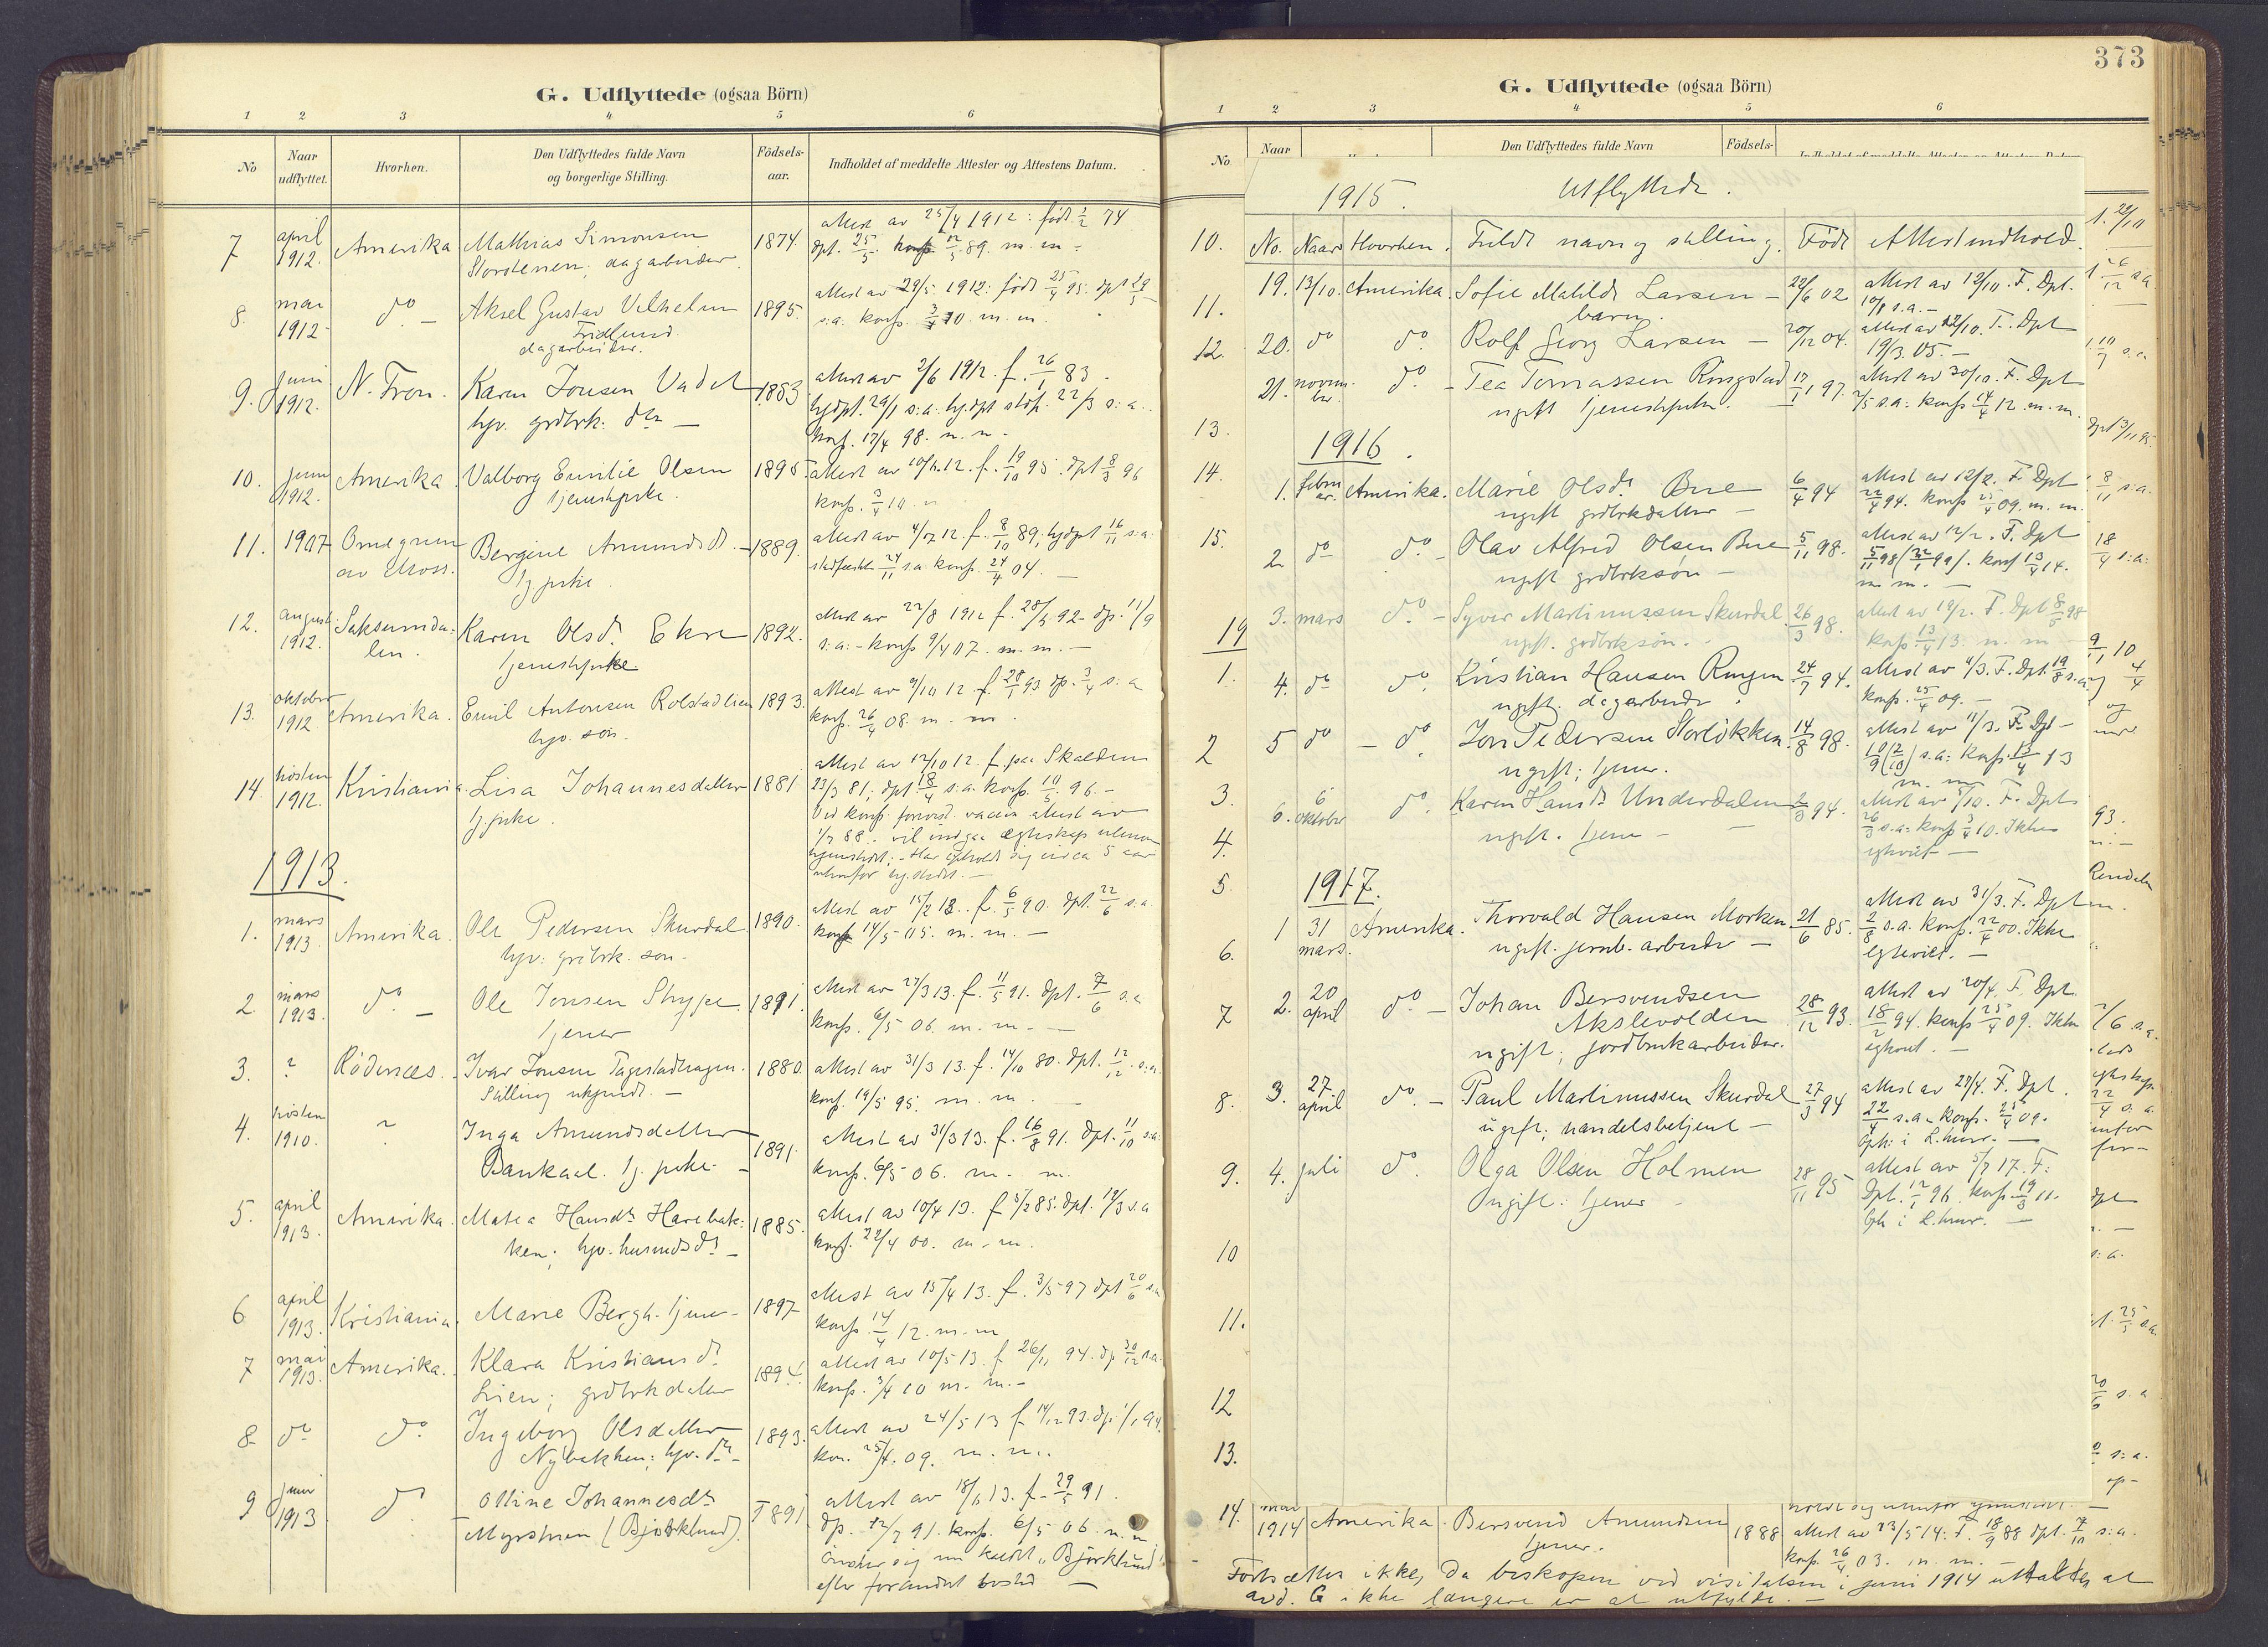 SAH, Sør-Fron prestekontor, H/Ha/Haa/L0004: Ministerialbok nr. 4, 1898-1919, s. 373